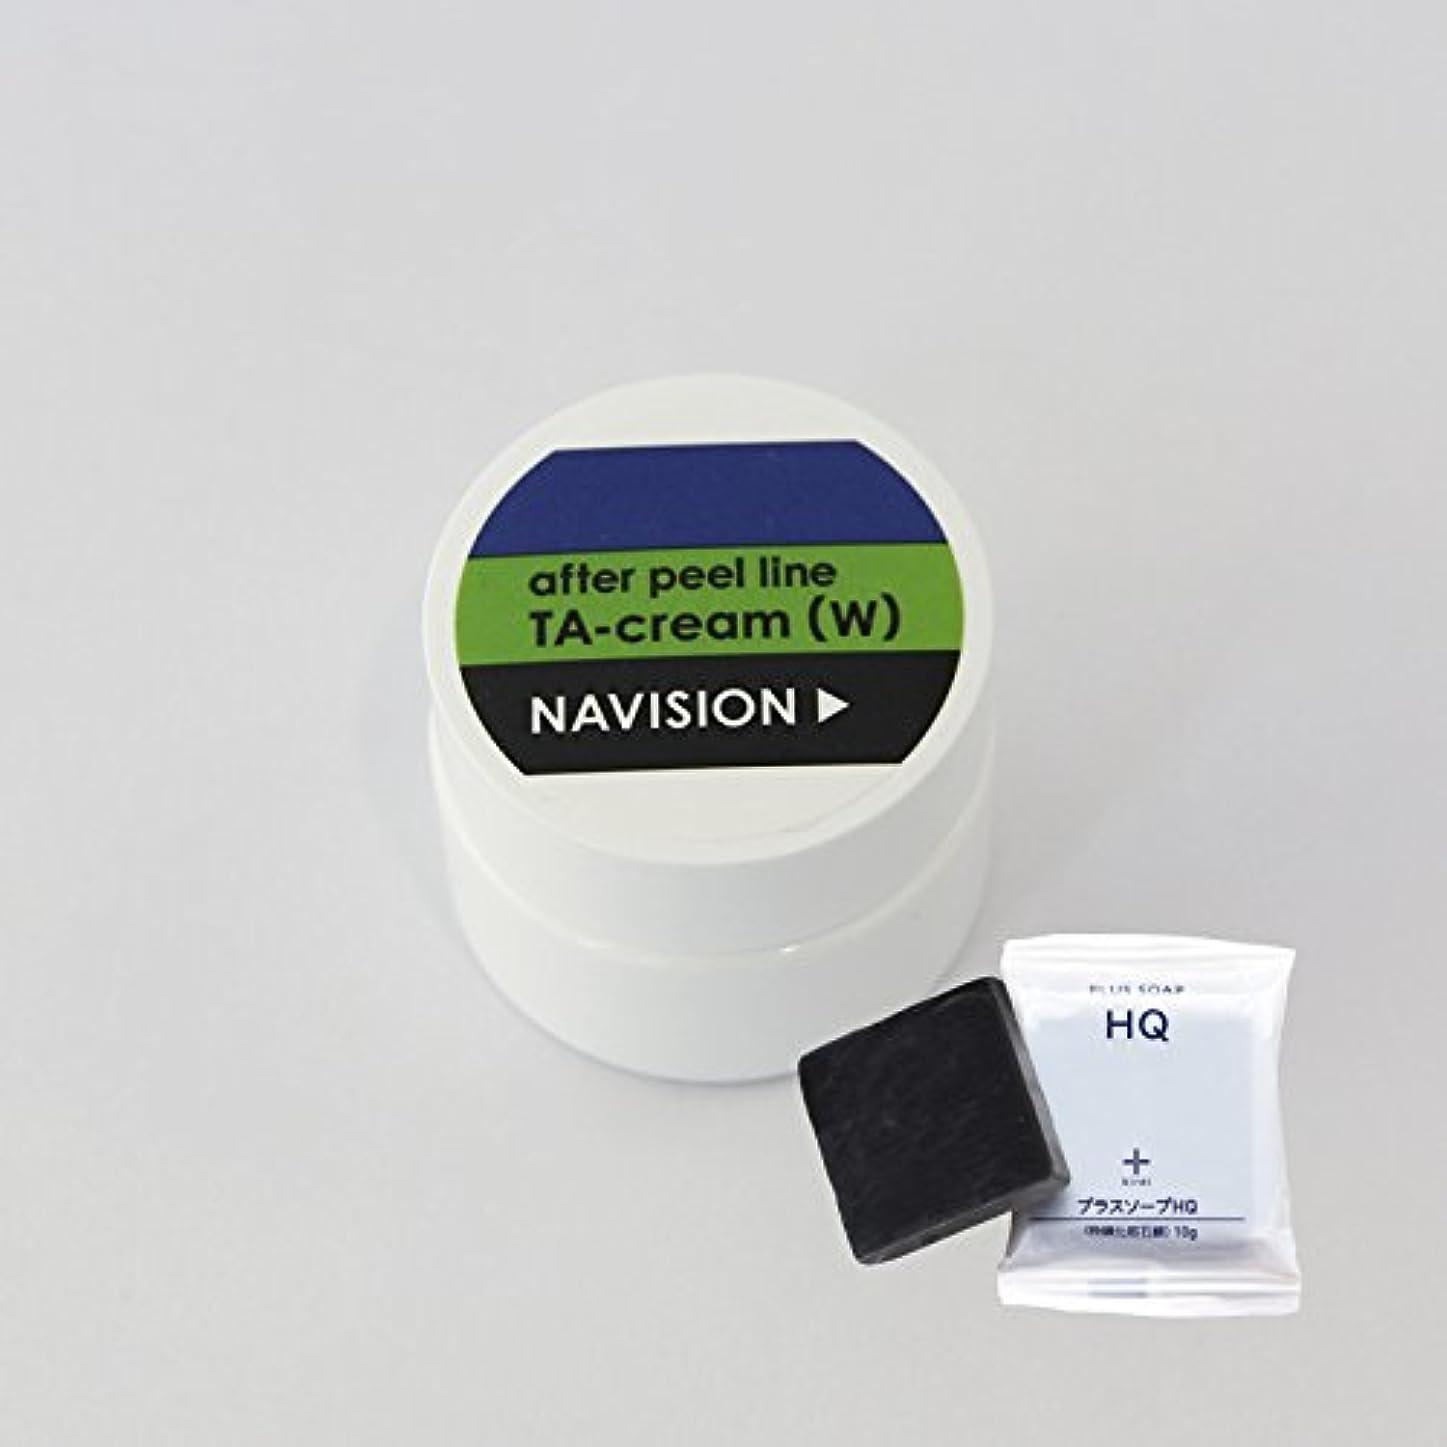 レッスンしわミュートナビジョン NAVISION TAクリーム(W) 30g (医薬部外品) + プラスキレイ プラスソープHQミニ